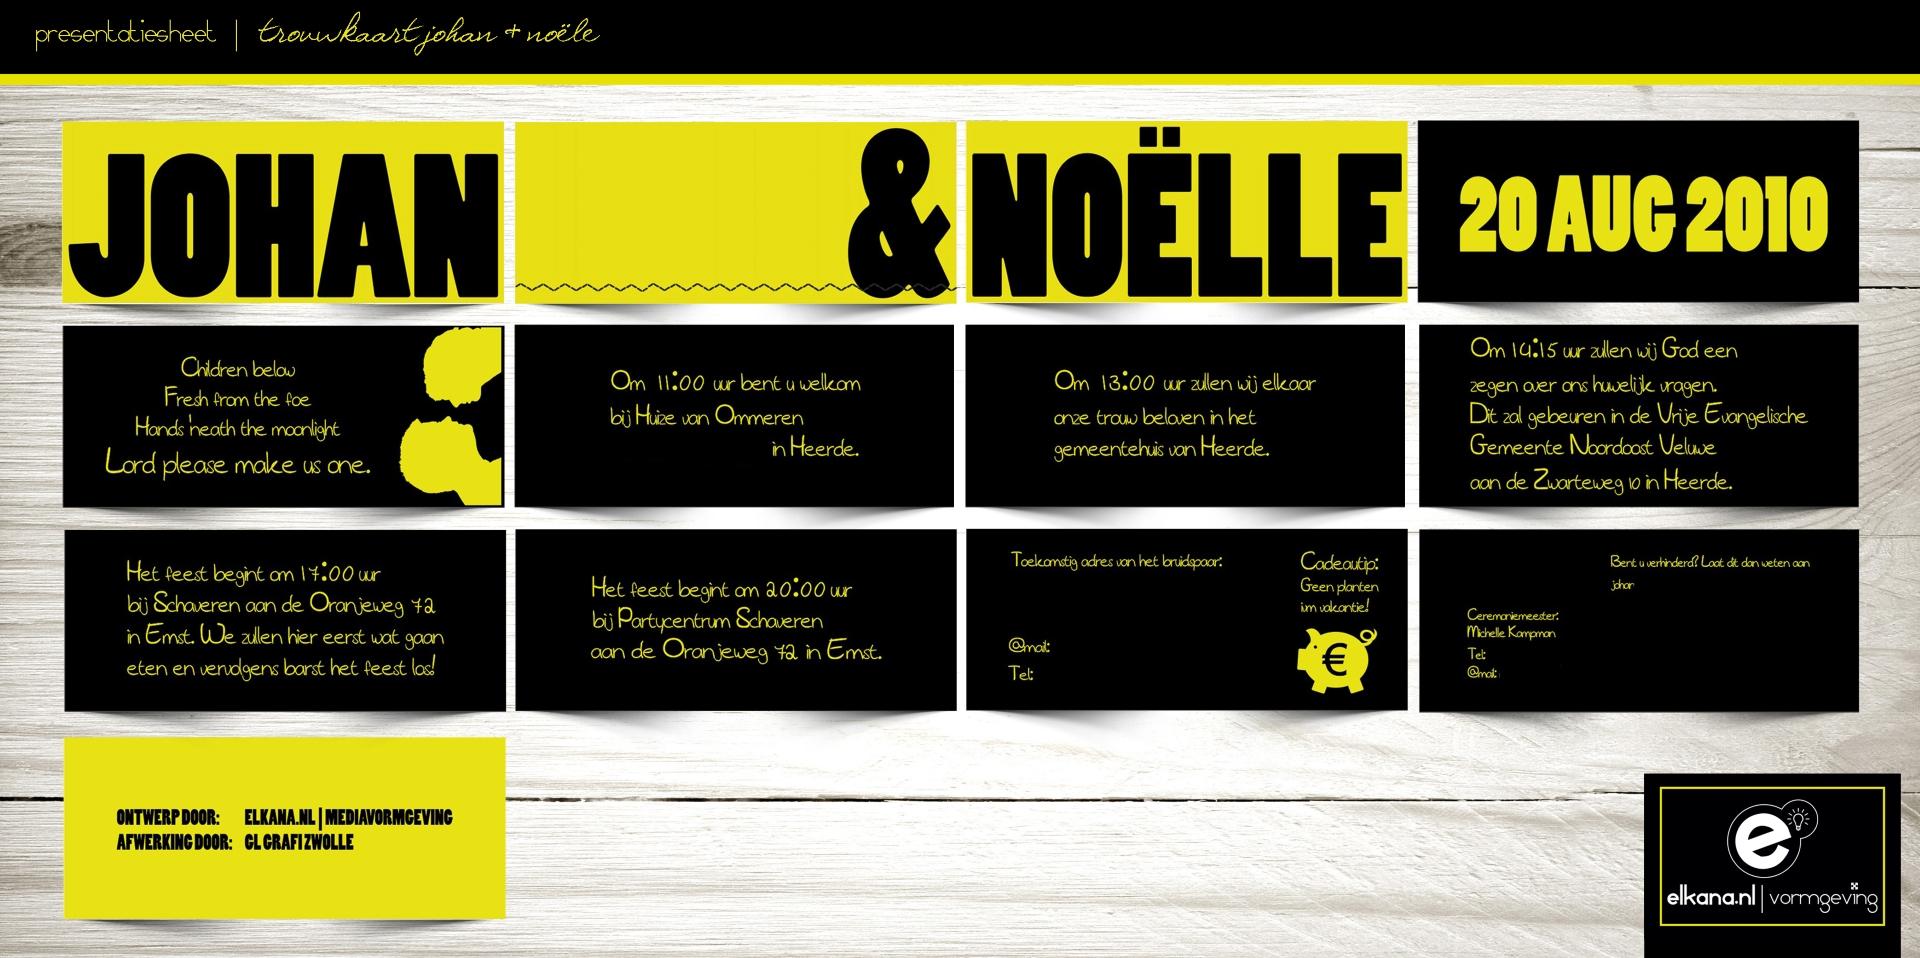 Trouwkaart Johan & Noelle